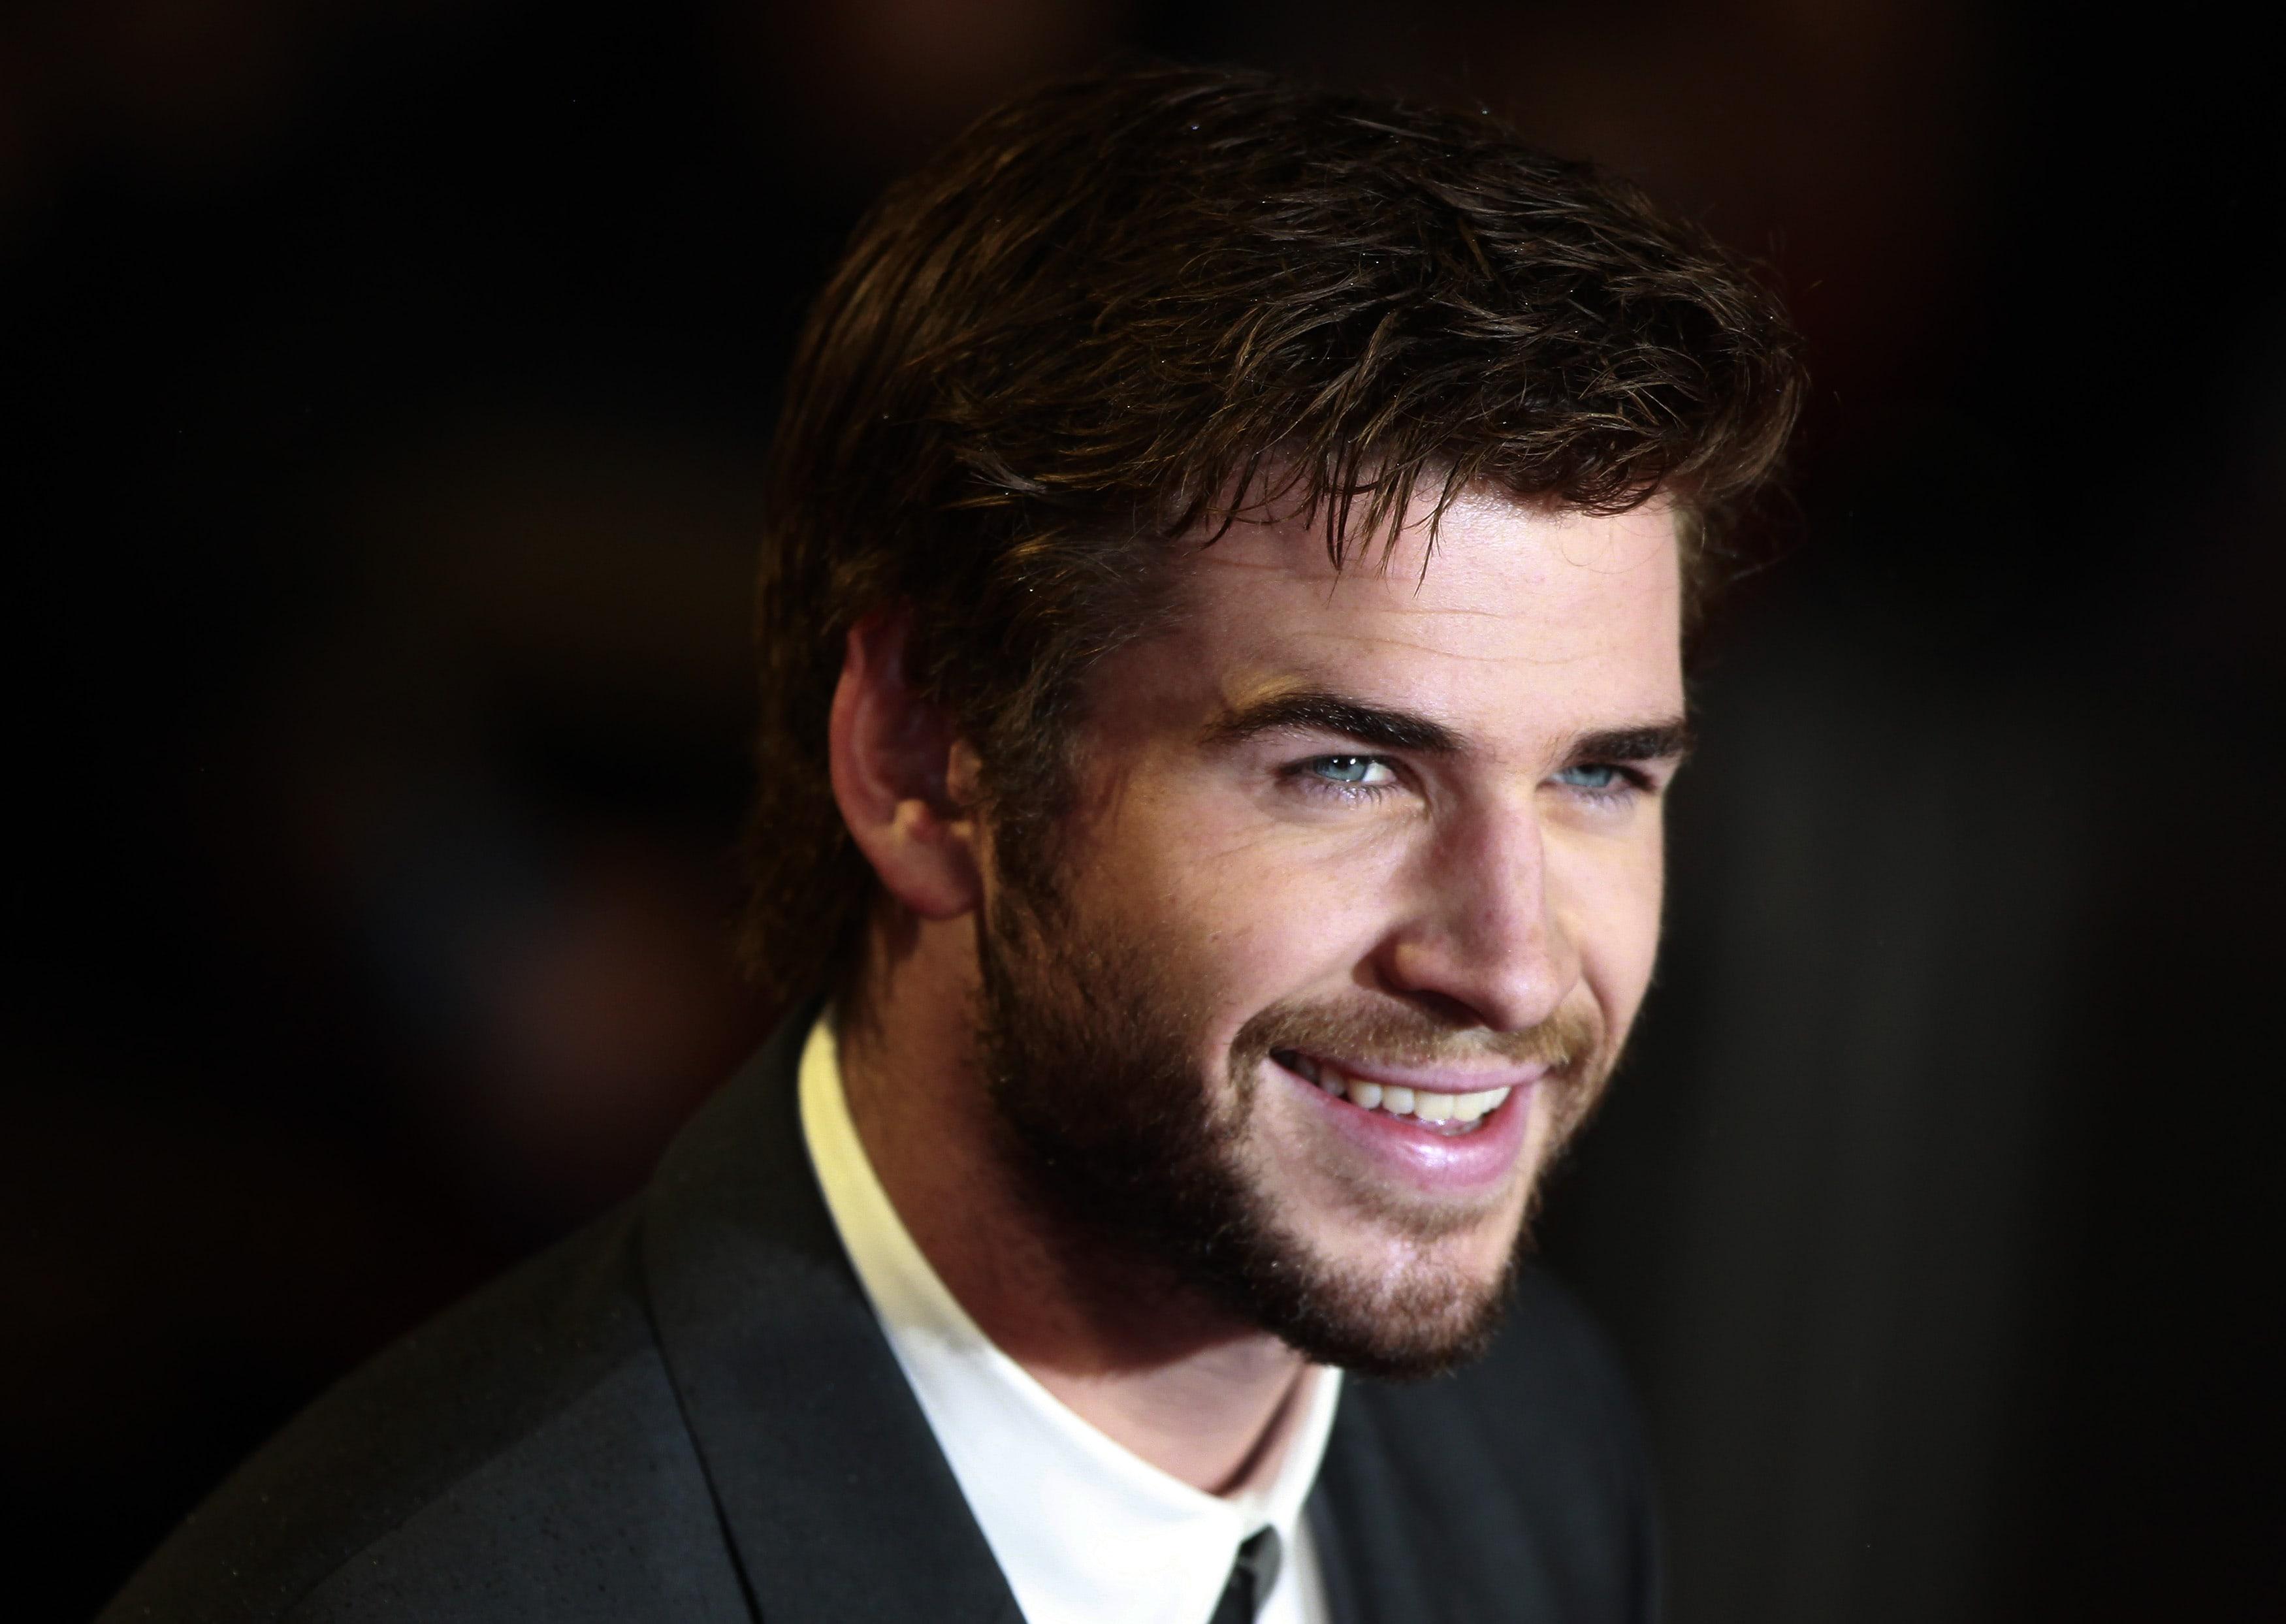 Liam Hemsworth Background